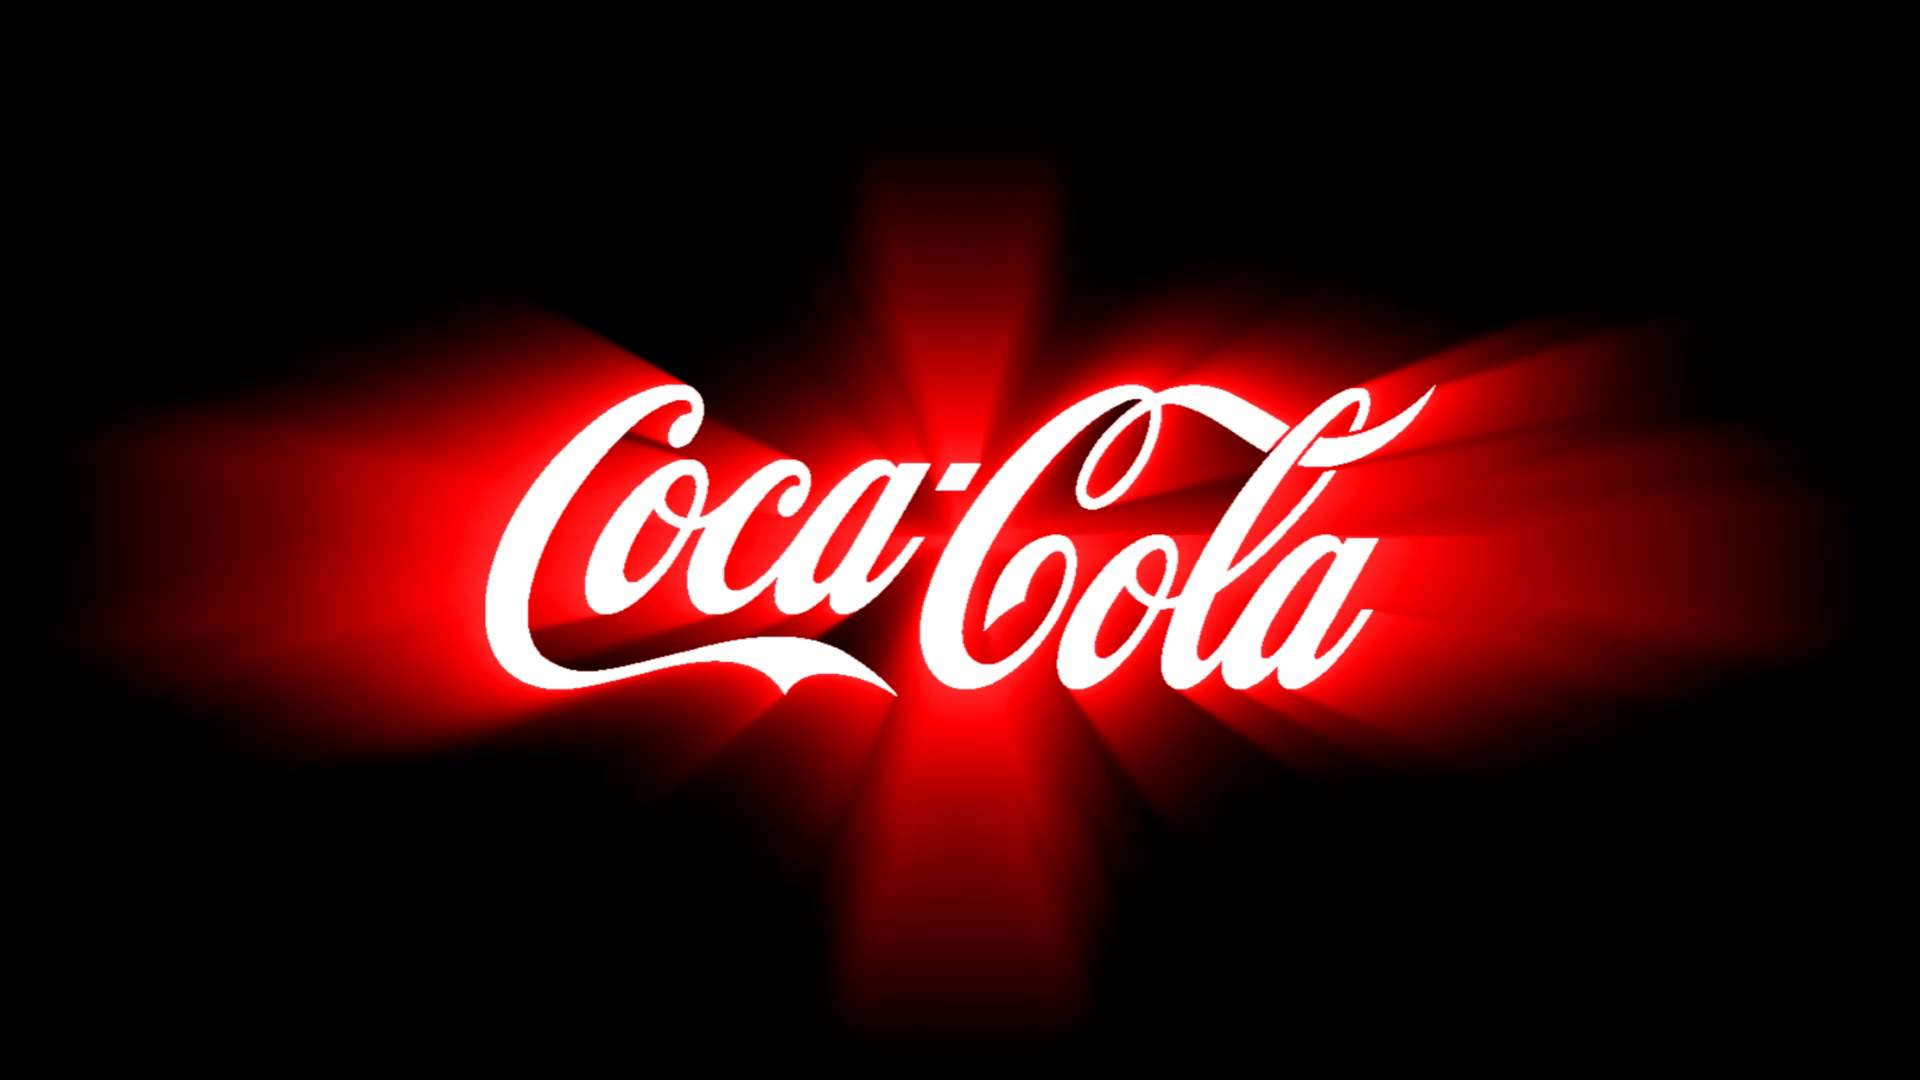 Coca Cola Logo Wallpaper 1920x1080 3405